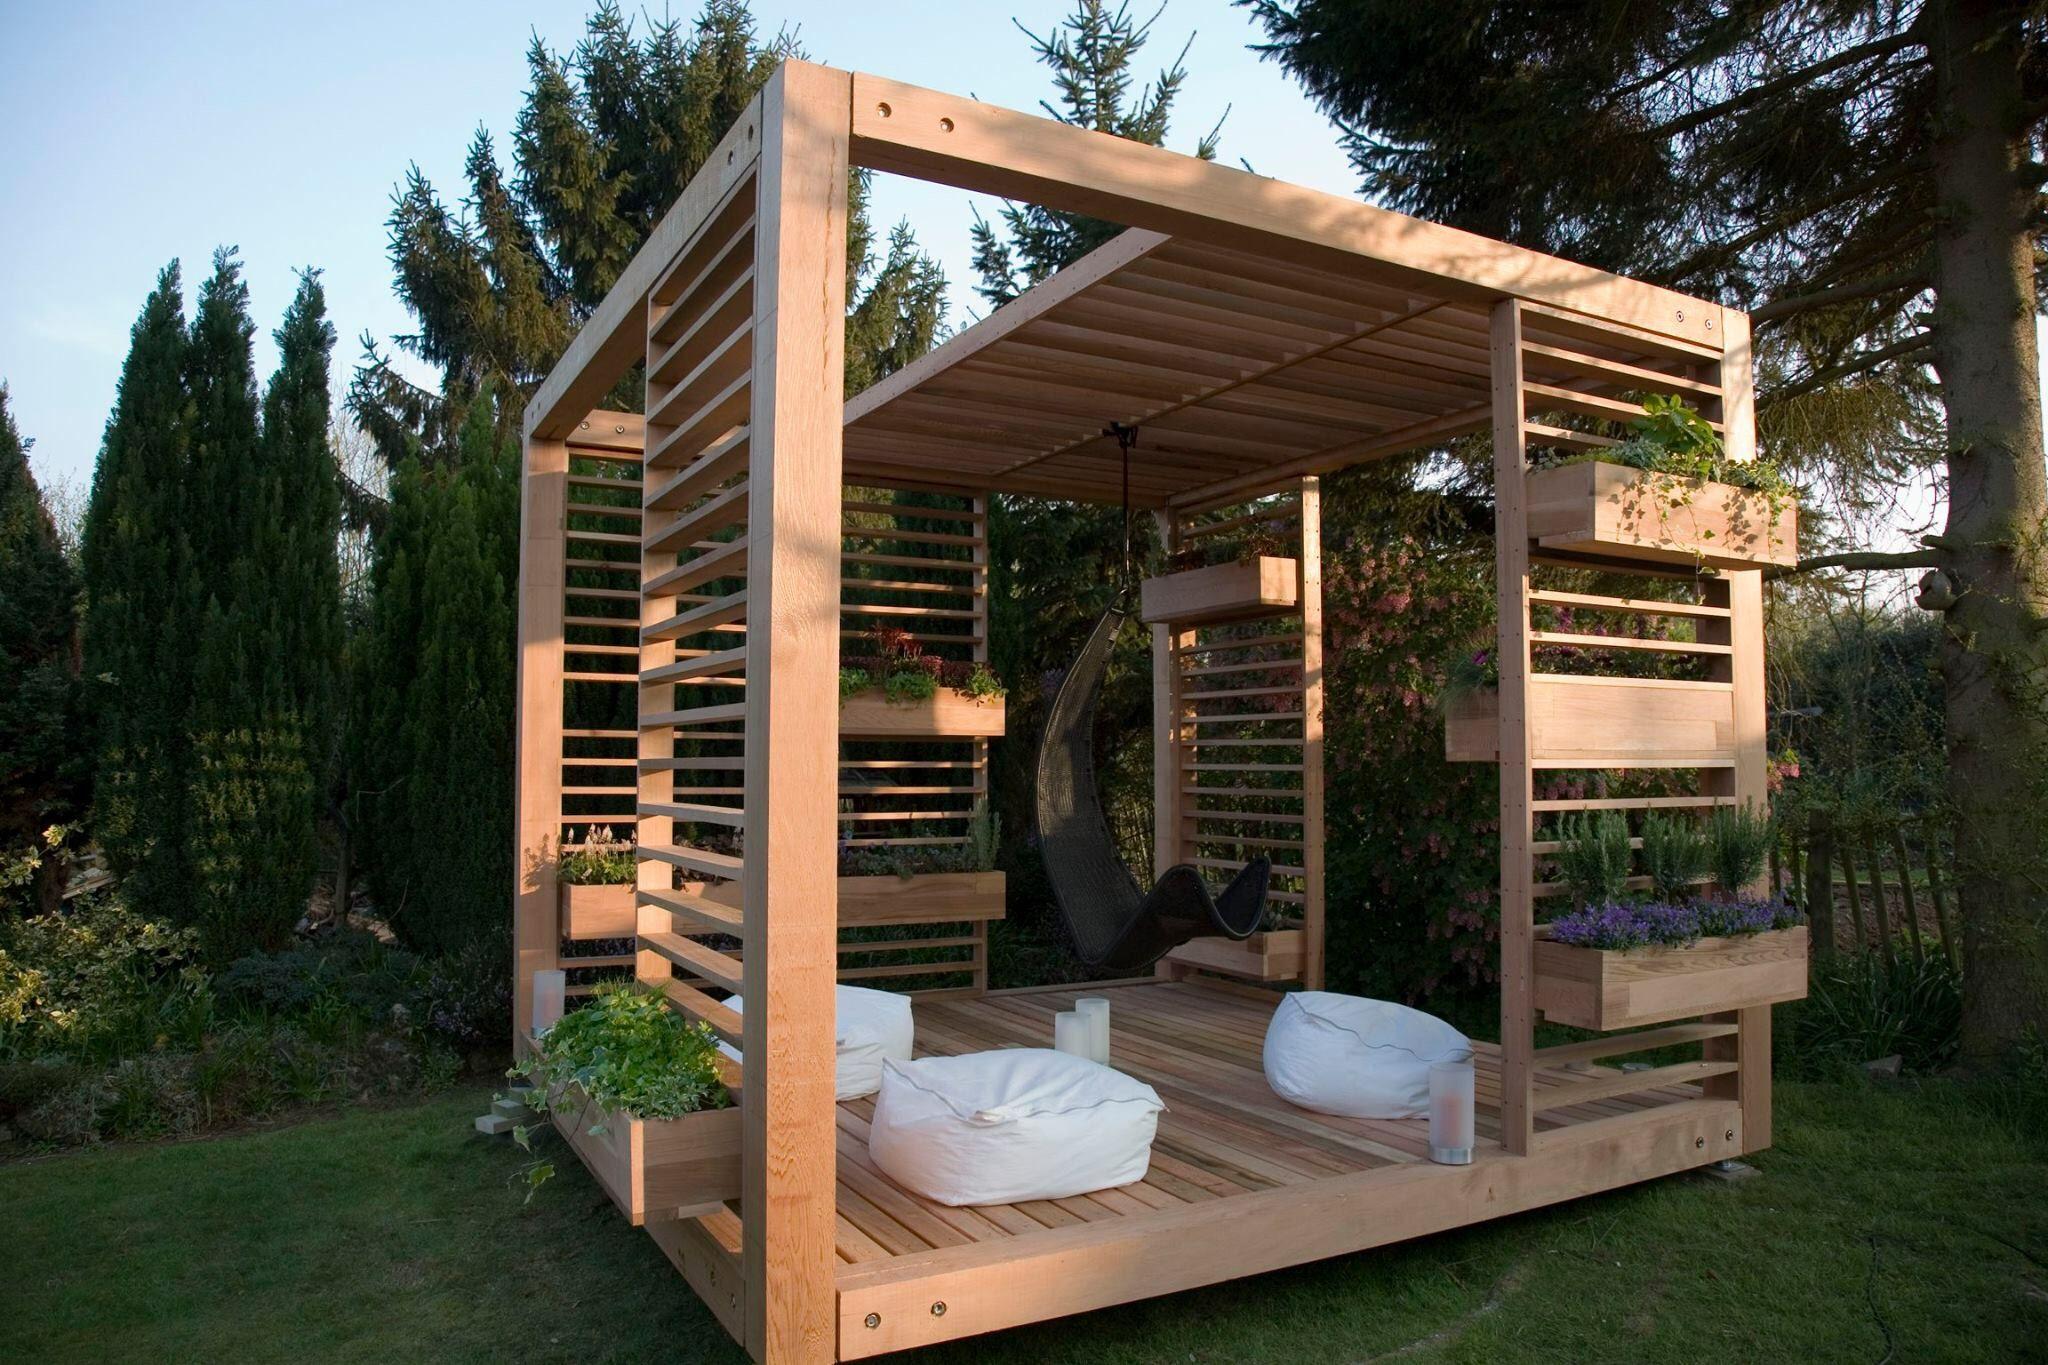 Chilloutecke Fur Den Garten Haus Und Garten Pavillon Ideen Garten Pavillon